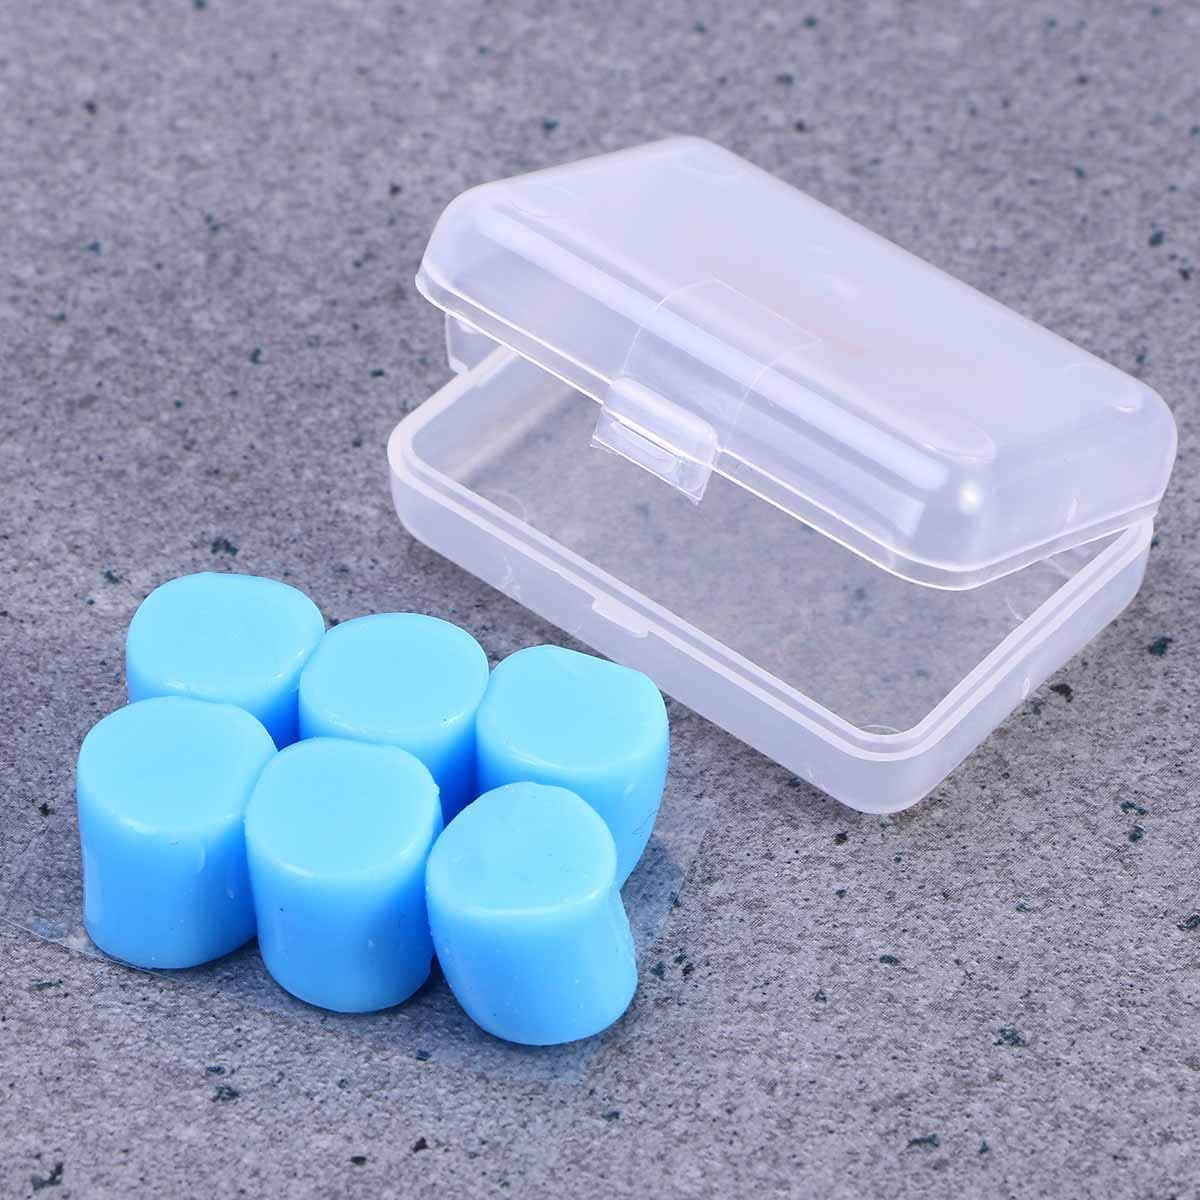 reductor de ruido de sue/ño Healifty tapones para los o/ídos de silicona 9 unidades tapones para los o/ídos de silicona para nataci/ón y ba/ño azul